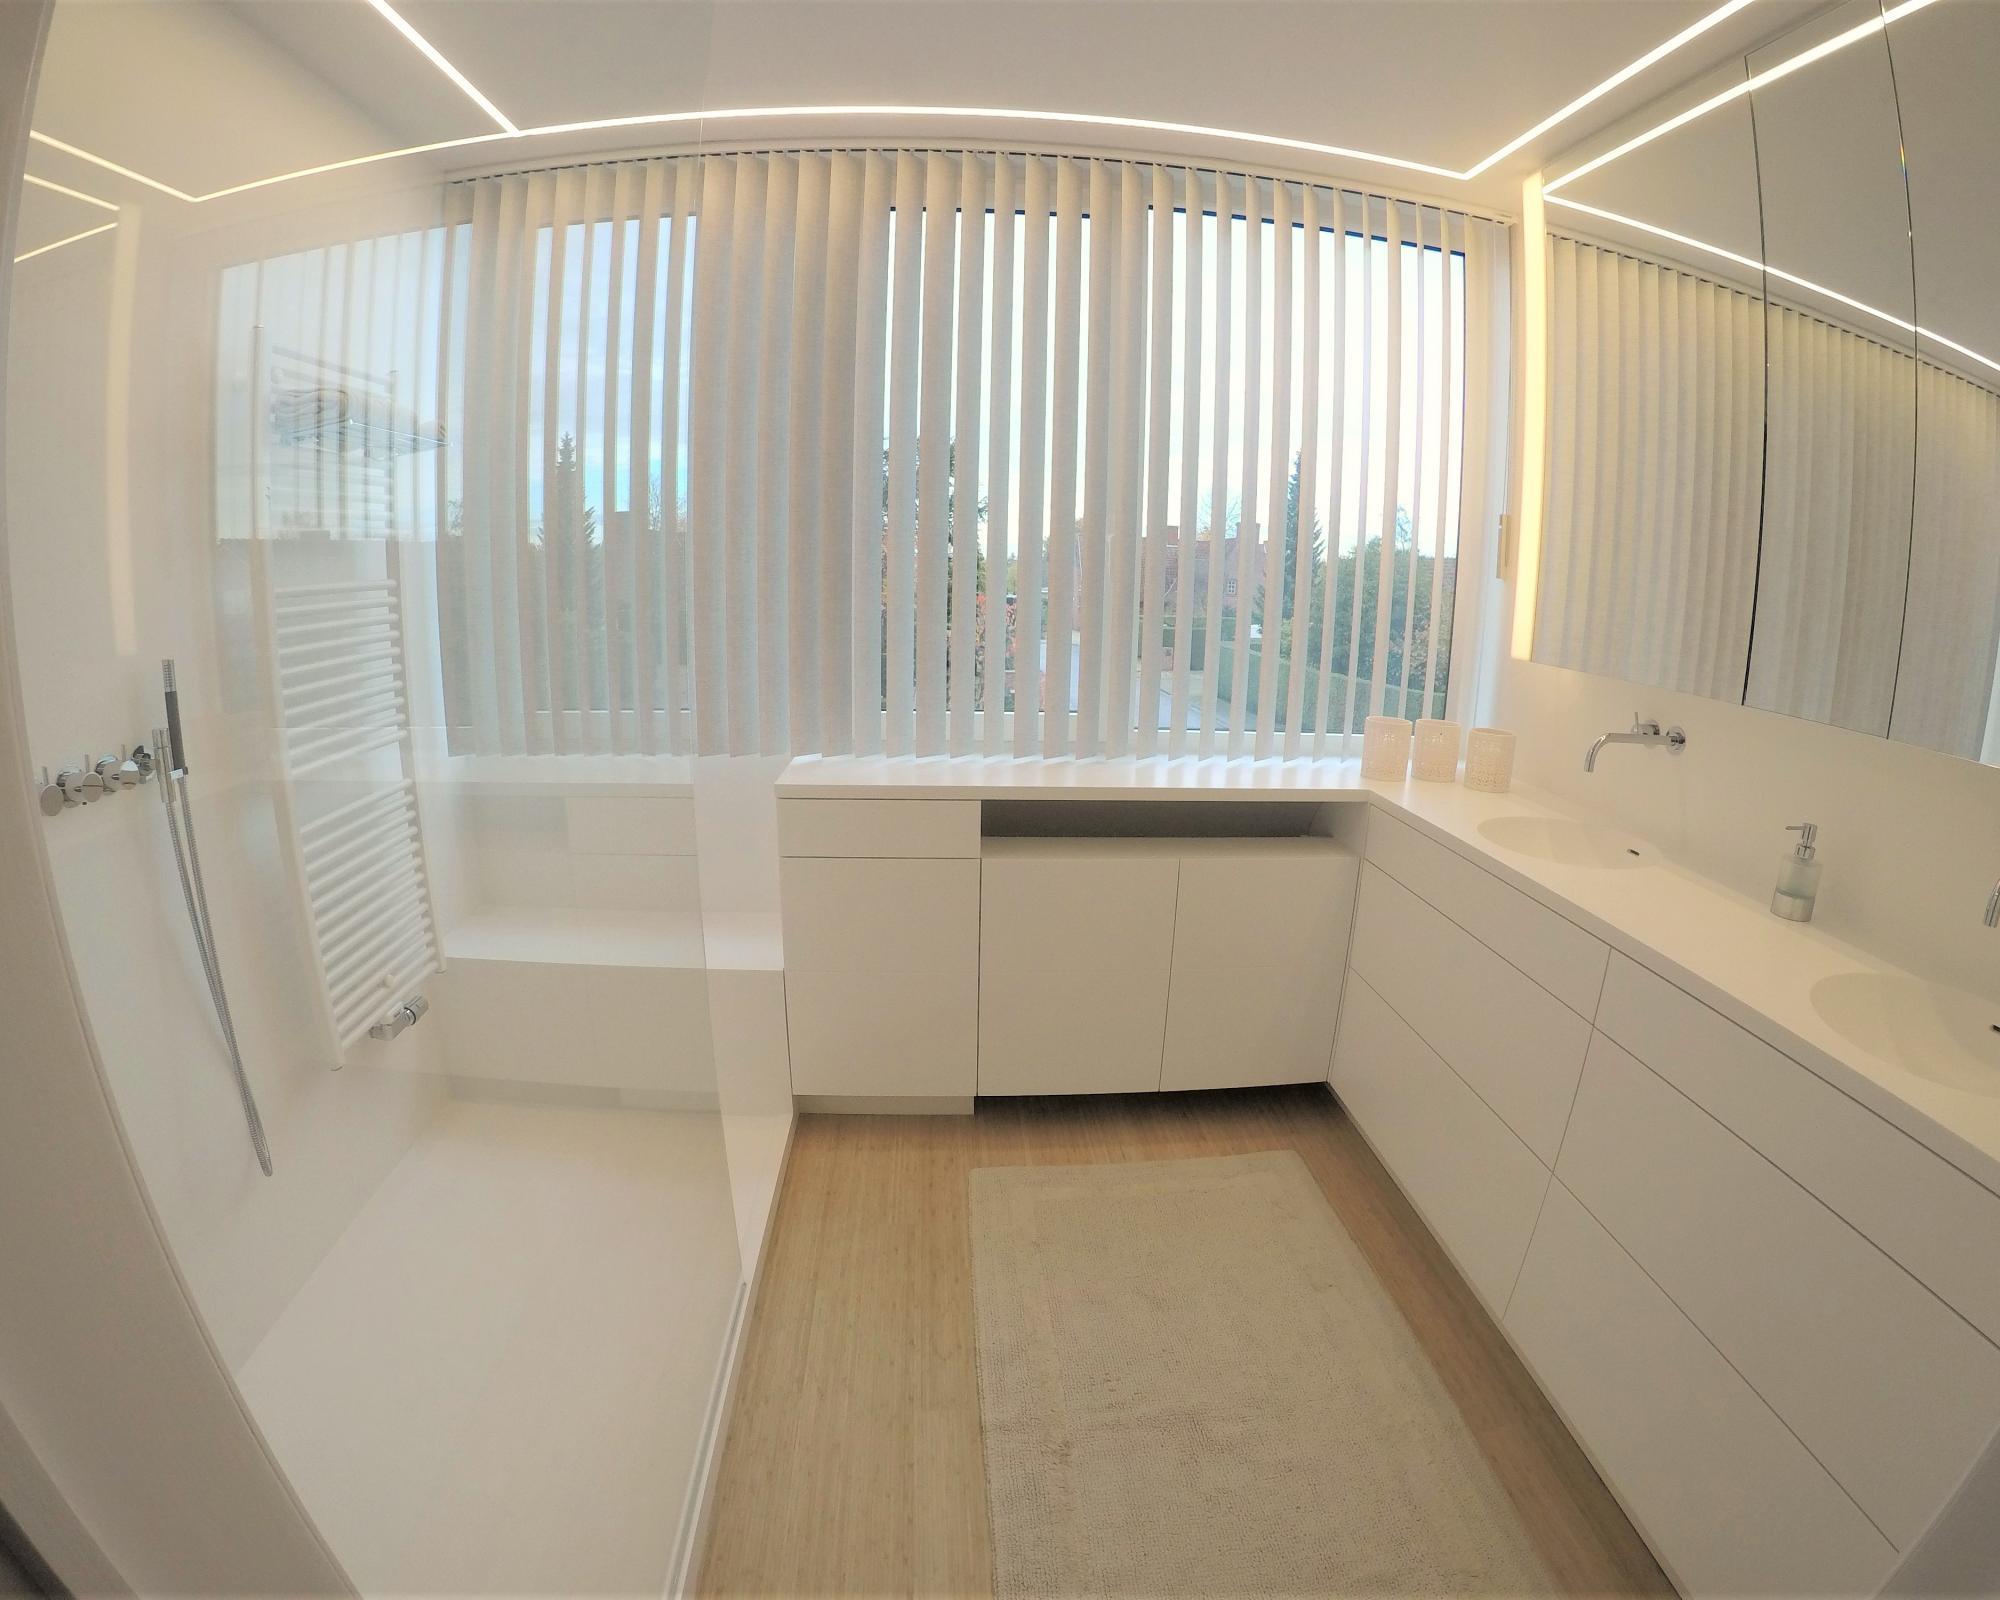 fabriquer une douche zoom sur la douche italienne with fabriquer une douche douche en cramique. Black Bedroom Furniture Sets. Home Design Ideas